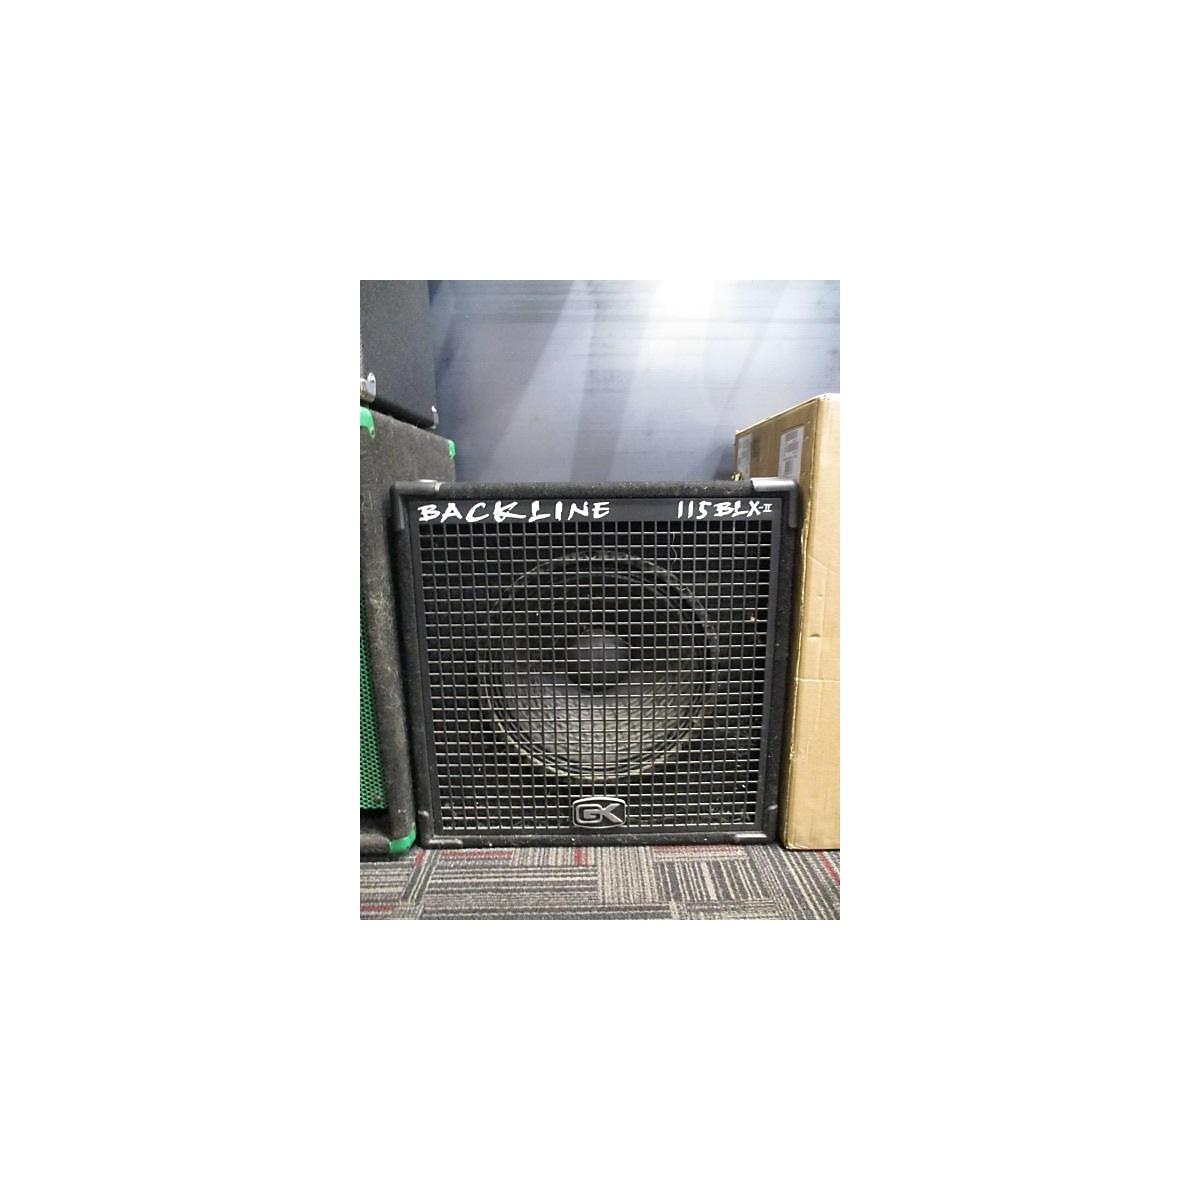 Gallien-Krueger BACKLINE 115BLX-II Bass Cabinet